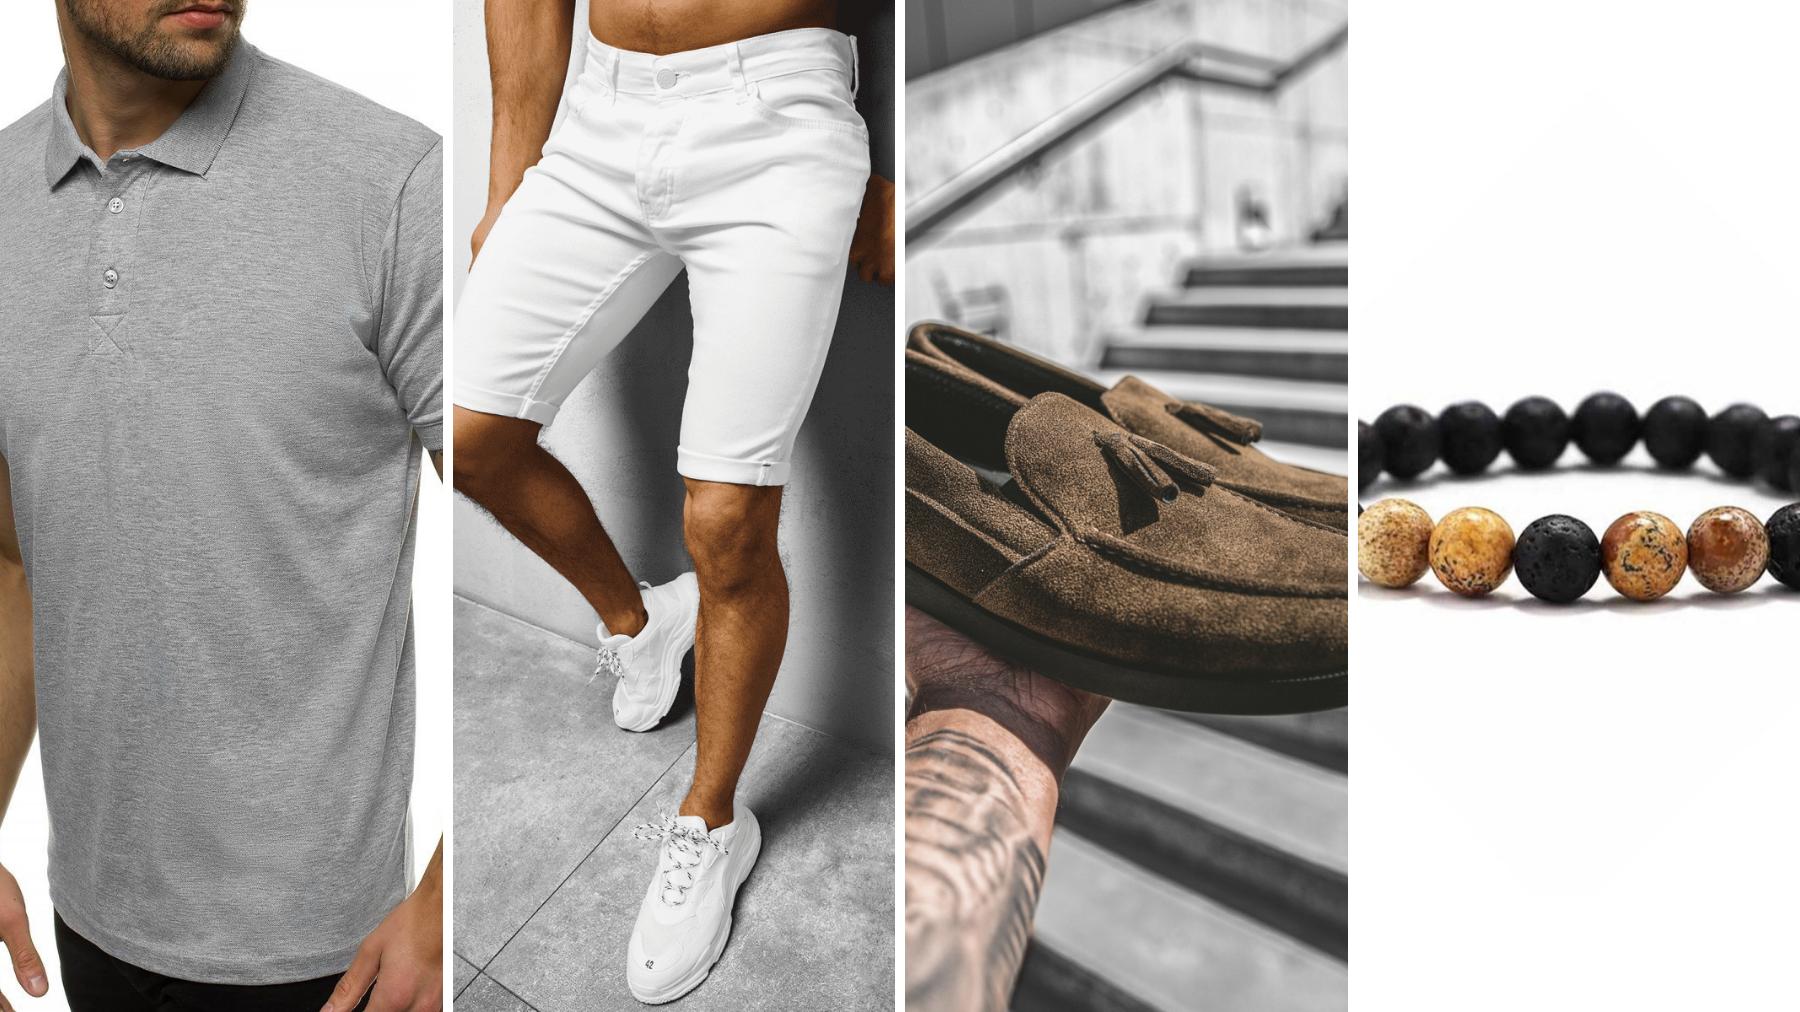 koszula męska polo szara ozonee, ubranie na lato, ubranie na upał, lato ubranie, spodenki męskie jeansowe białe, buty slip on brązowe, bransoletka męska koralikowa